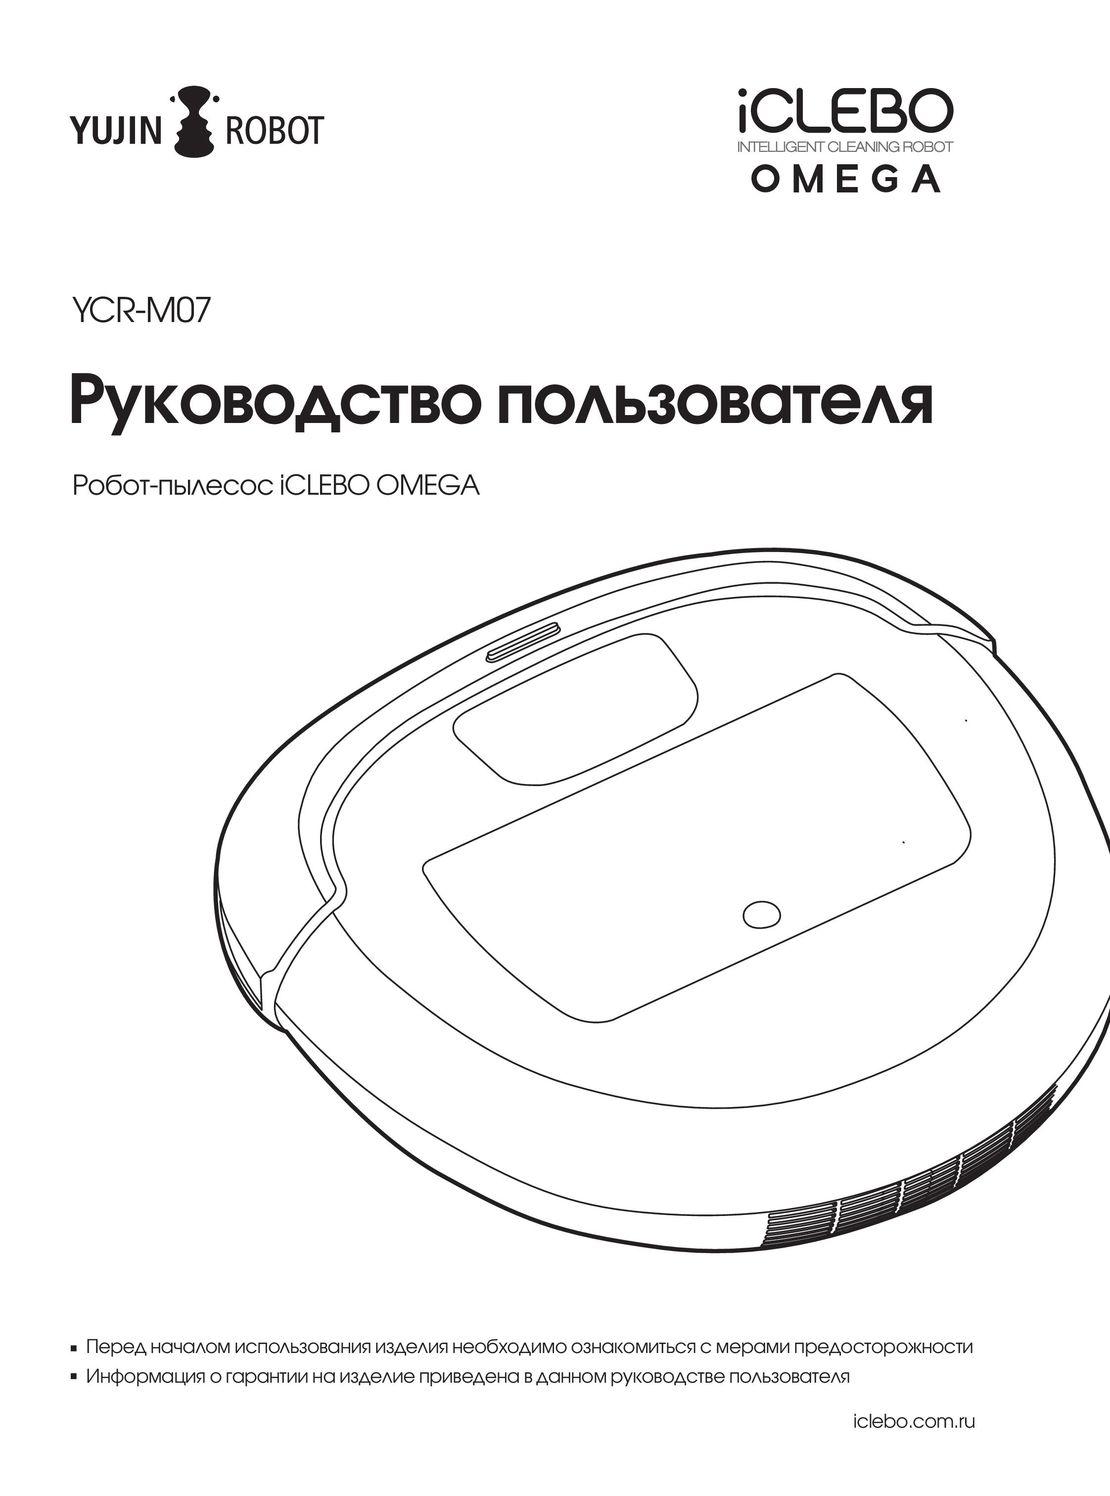 Тестирование и обзор робота-пылесоса iclebo omega